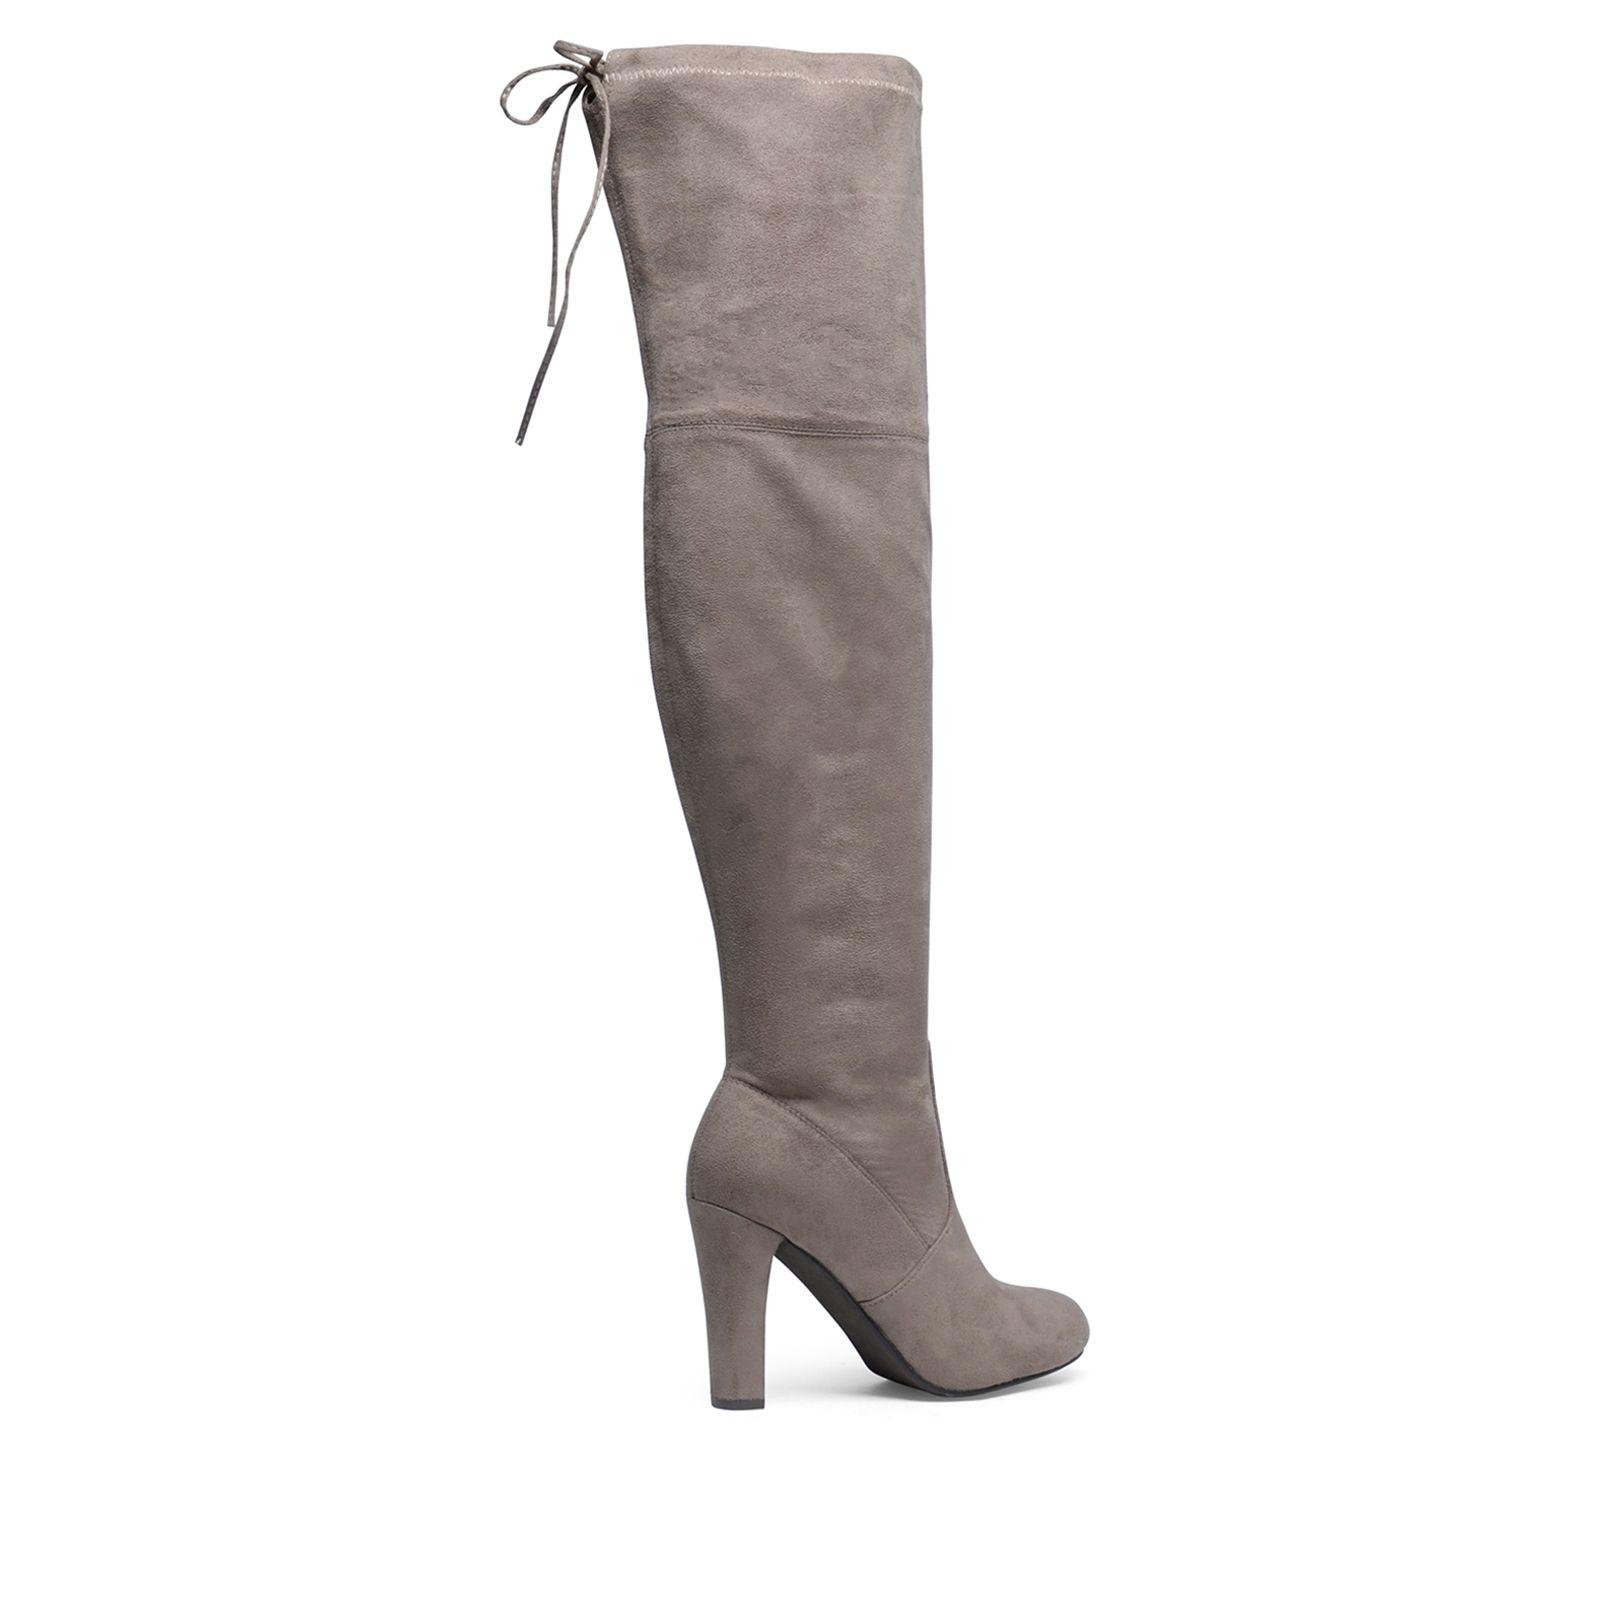 Taupefarbene Overknee Stiefel Mit Absatz Damenschuhe